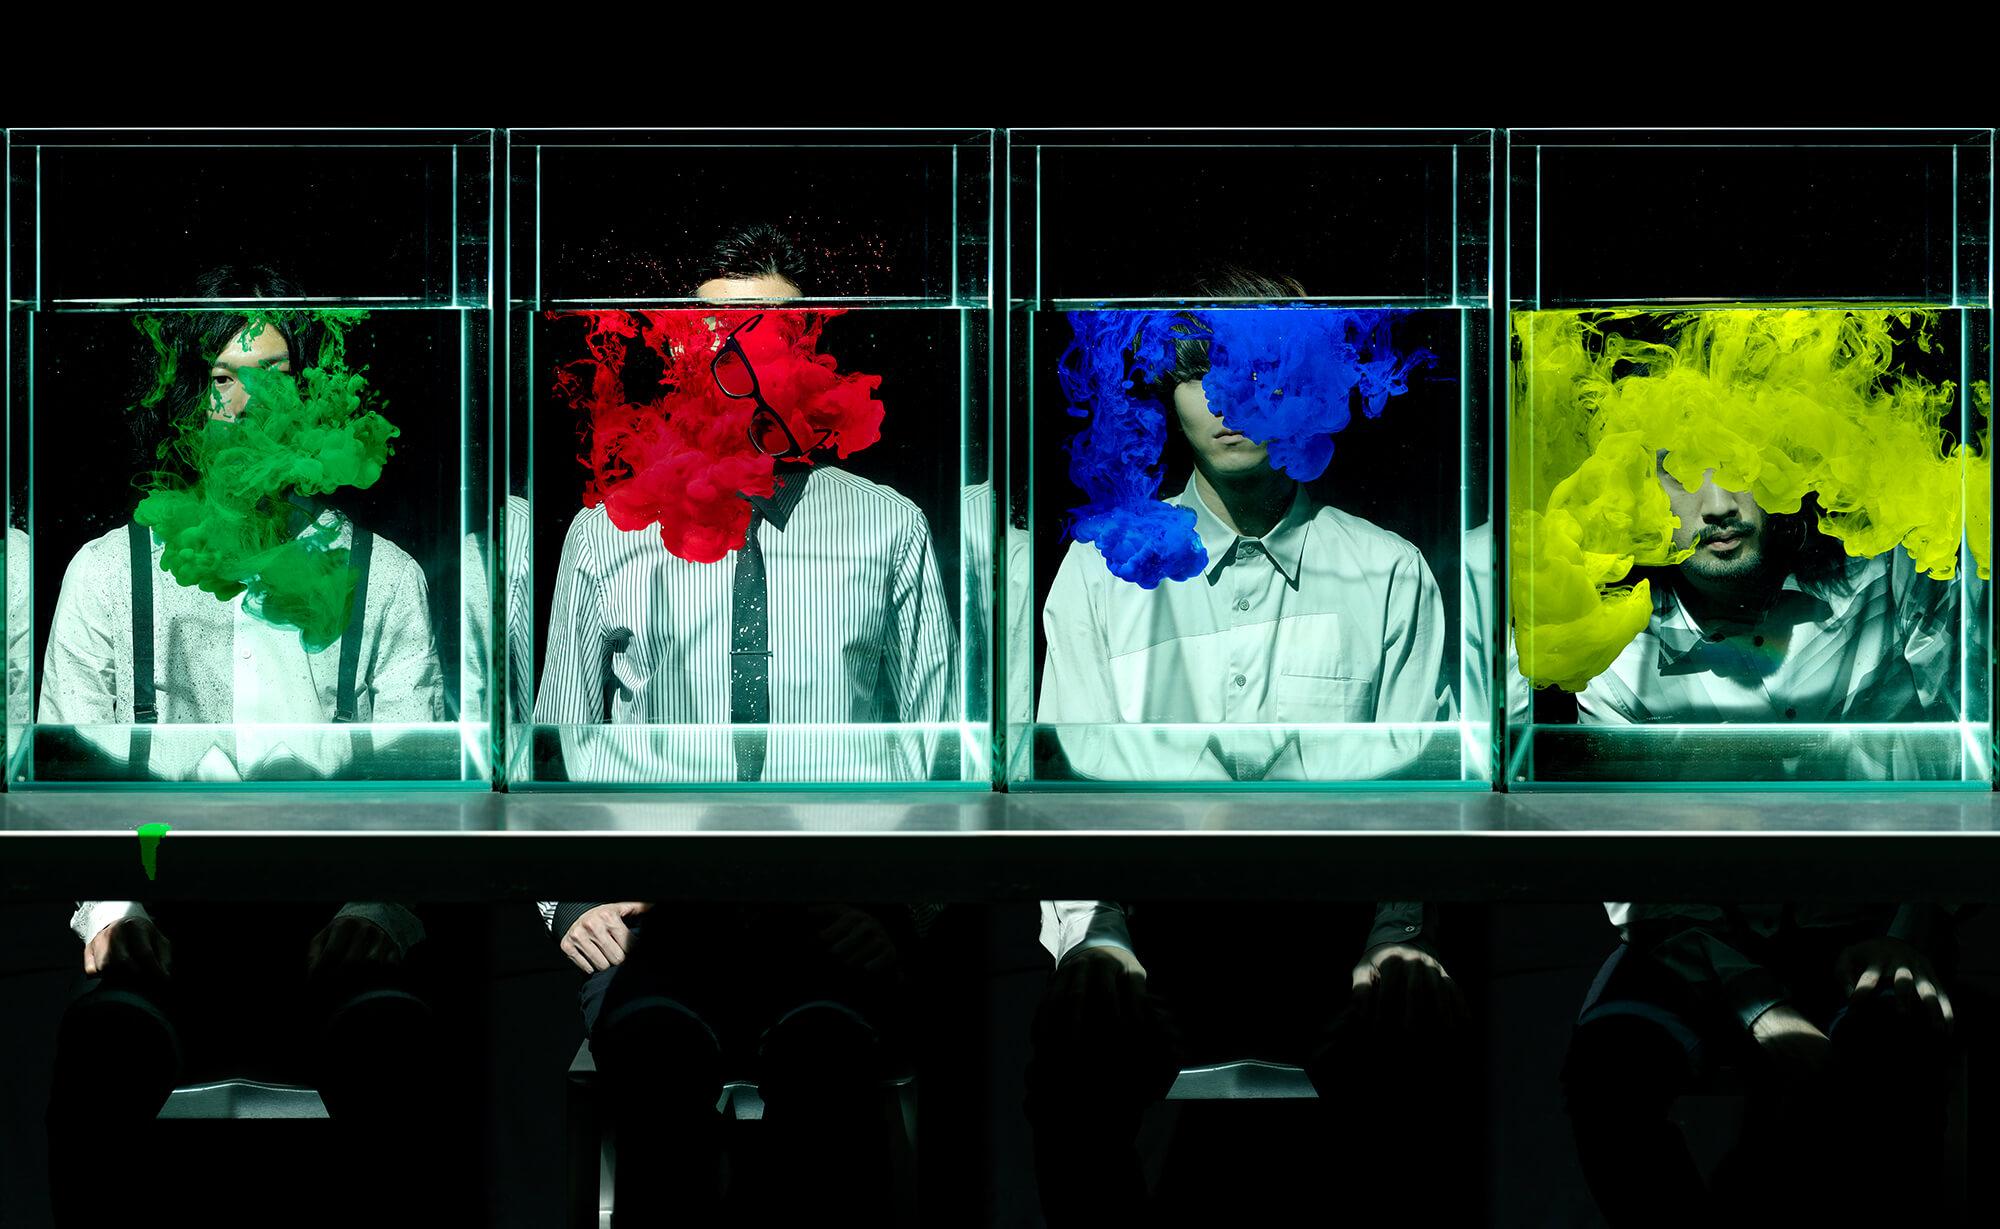 夜の本気ダンス 最新SG「Magical Feelin'」発売記念・LINE LIVE番組の生配信決定